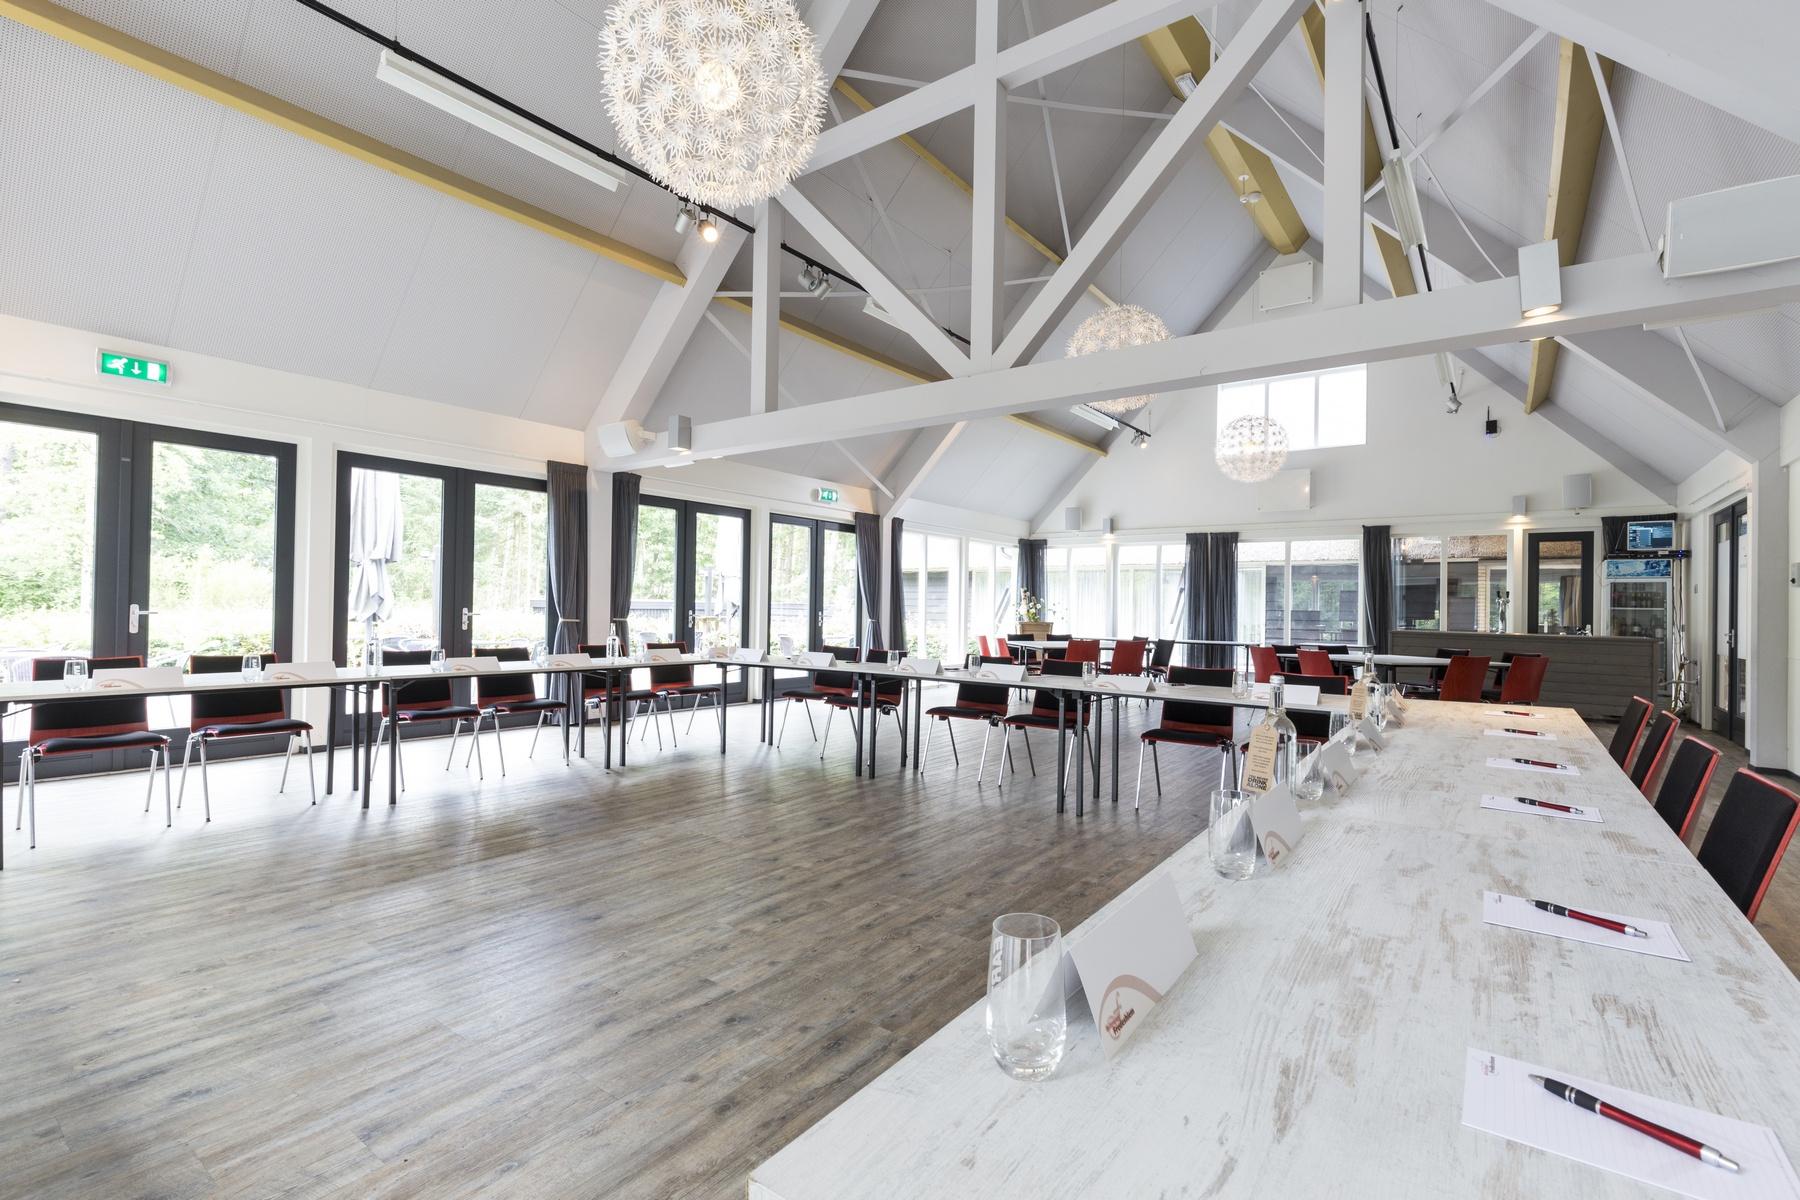 Vergaderen Steenwijk Overijssel Bij Buitengoed Fredeshiem De Bult